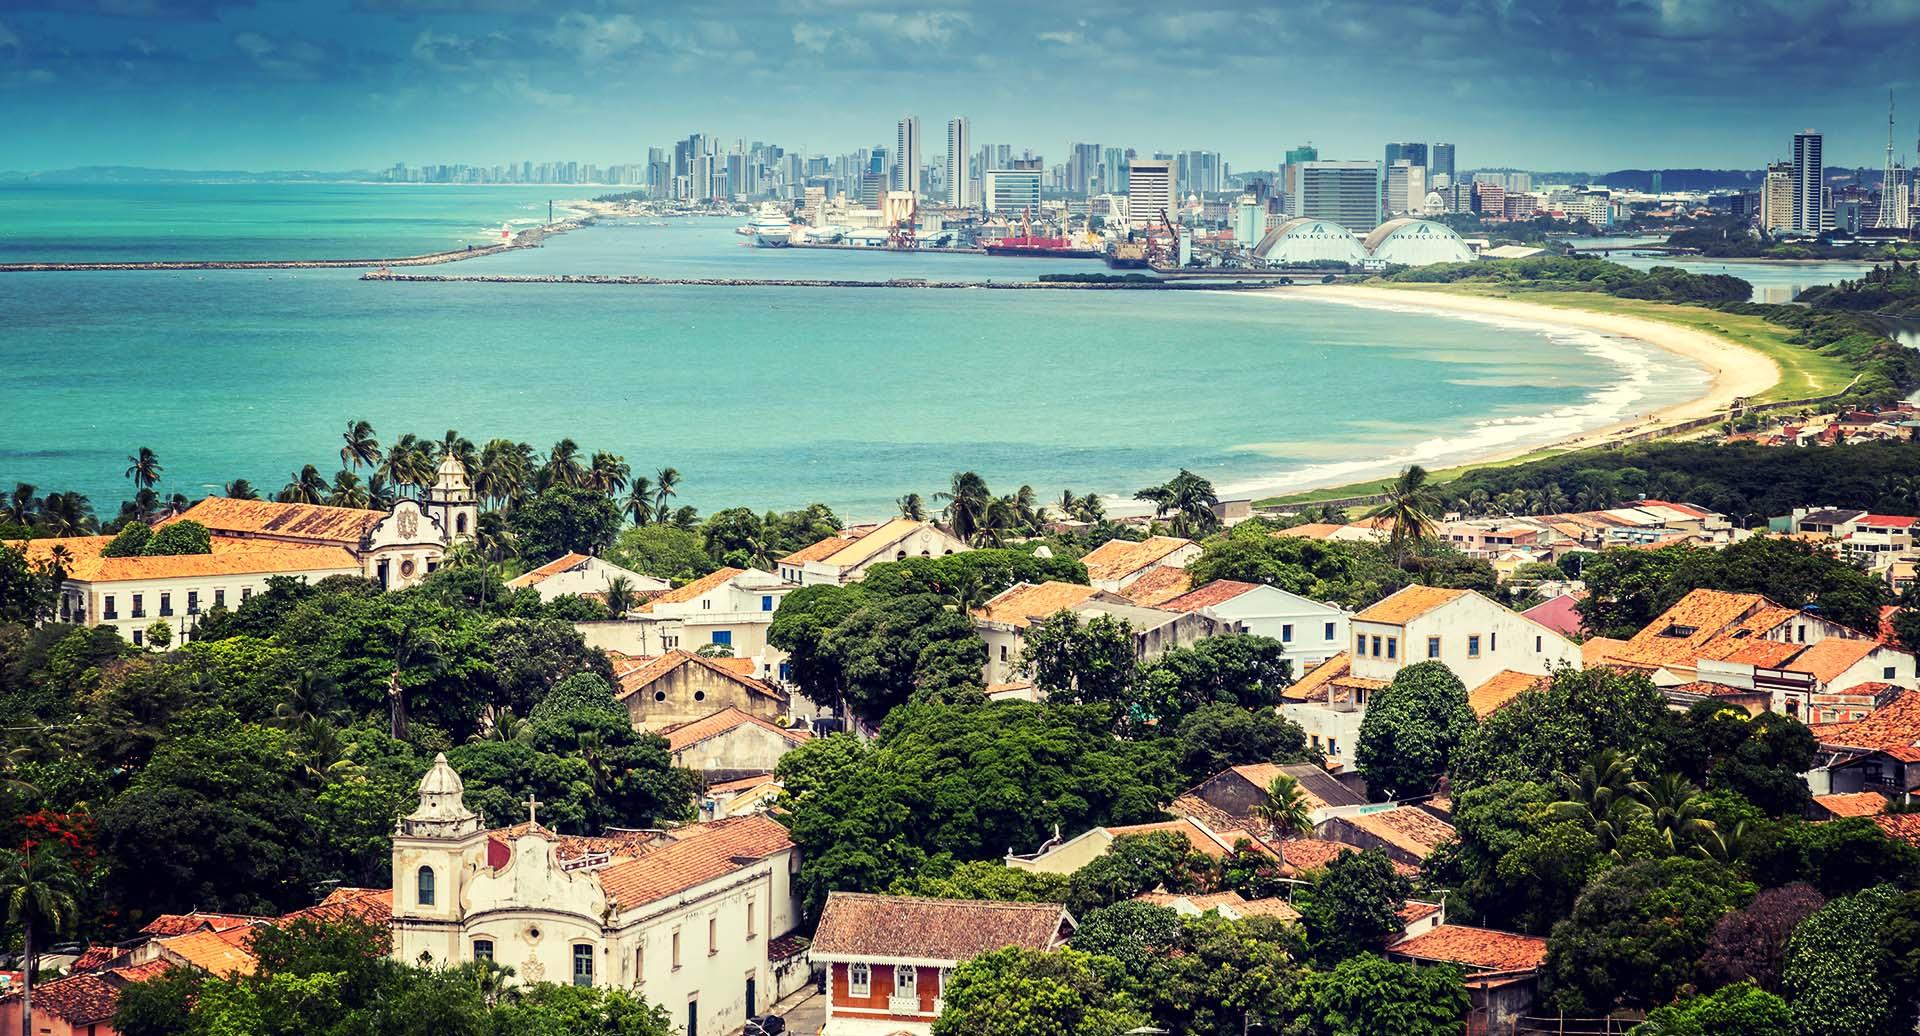 Vuelos baratos a Recife desde Buenos Aires por ARS 10.212 finales